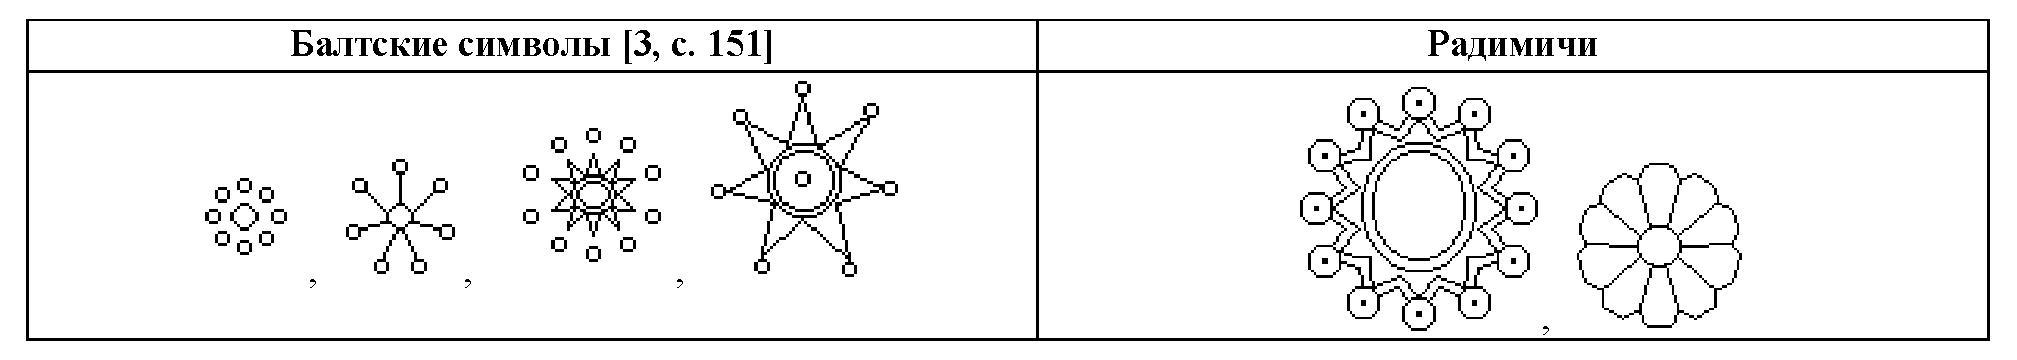 Таблица 9. Сравнение радимичских розеток с символами раннесредневековых балтов (середины 1-го тысячелетия н.э.)